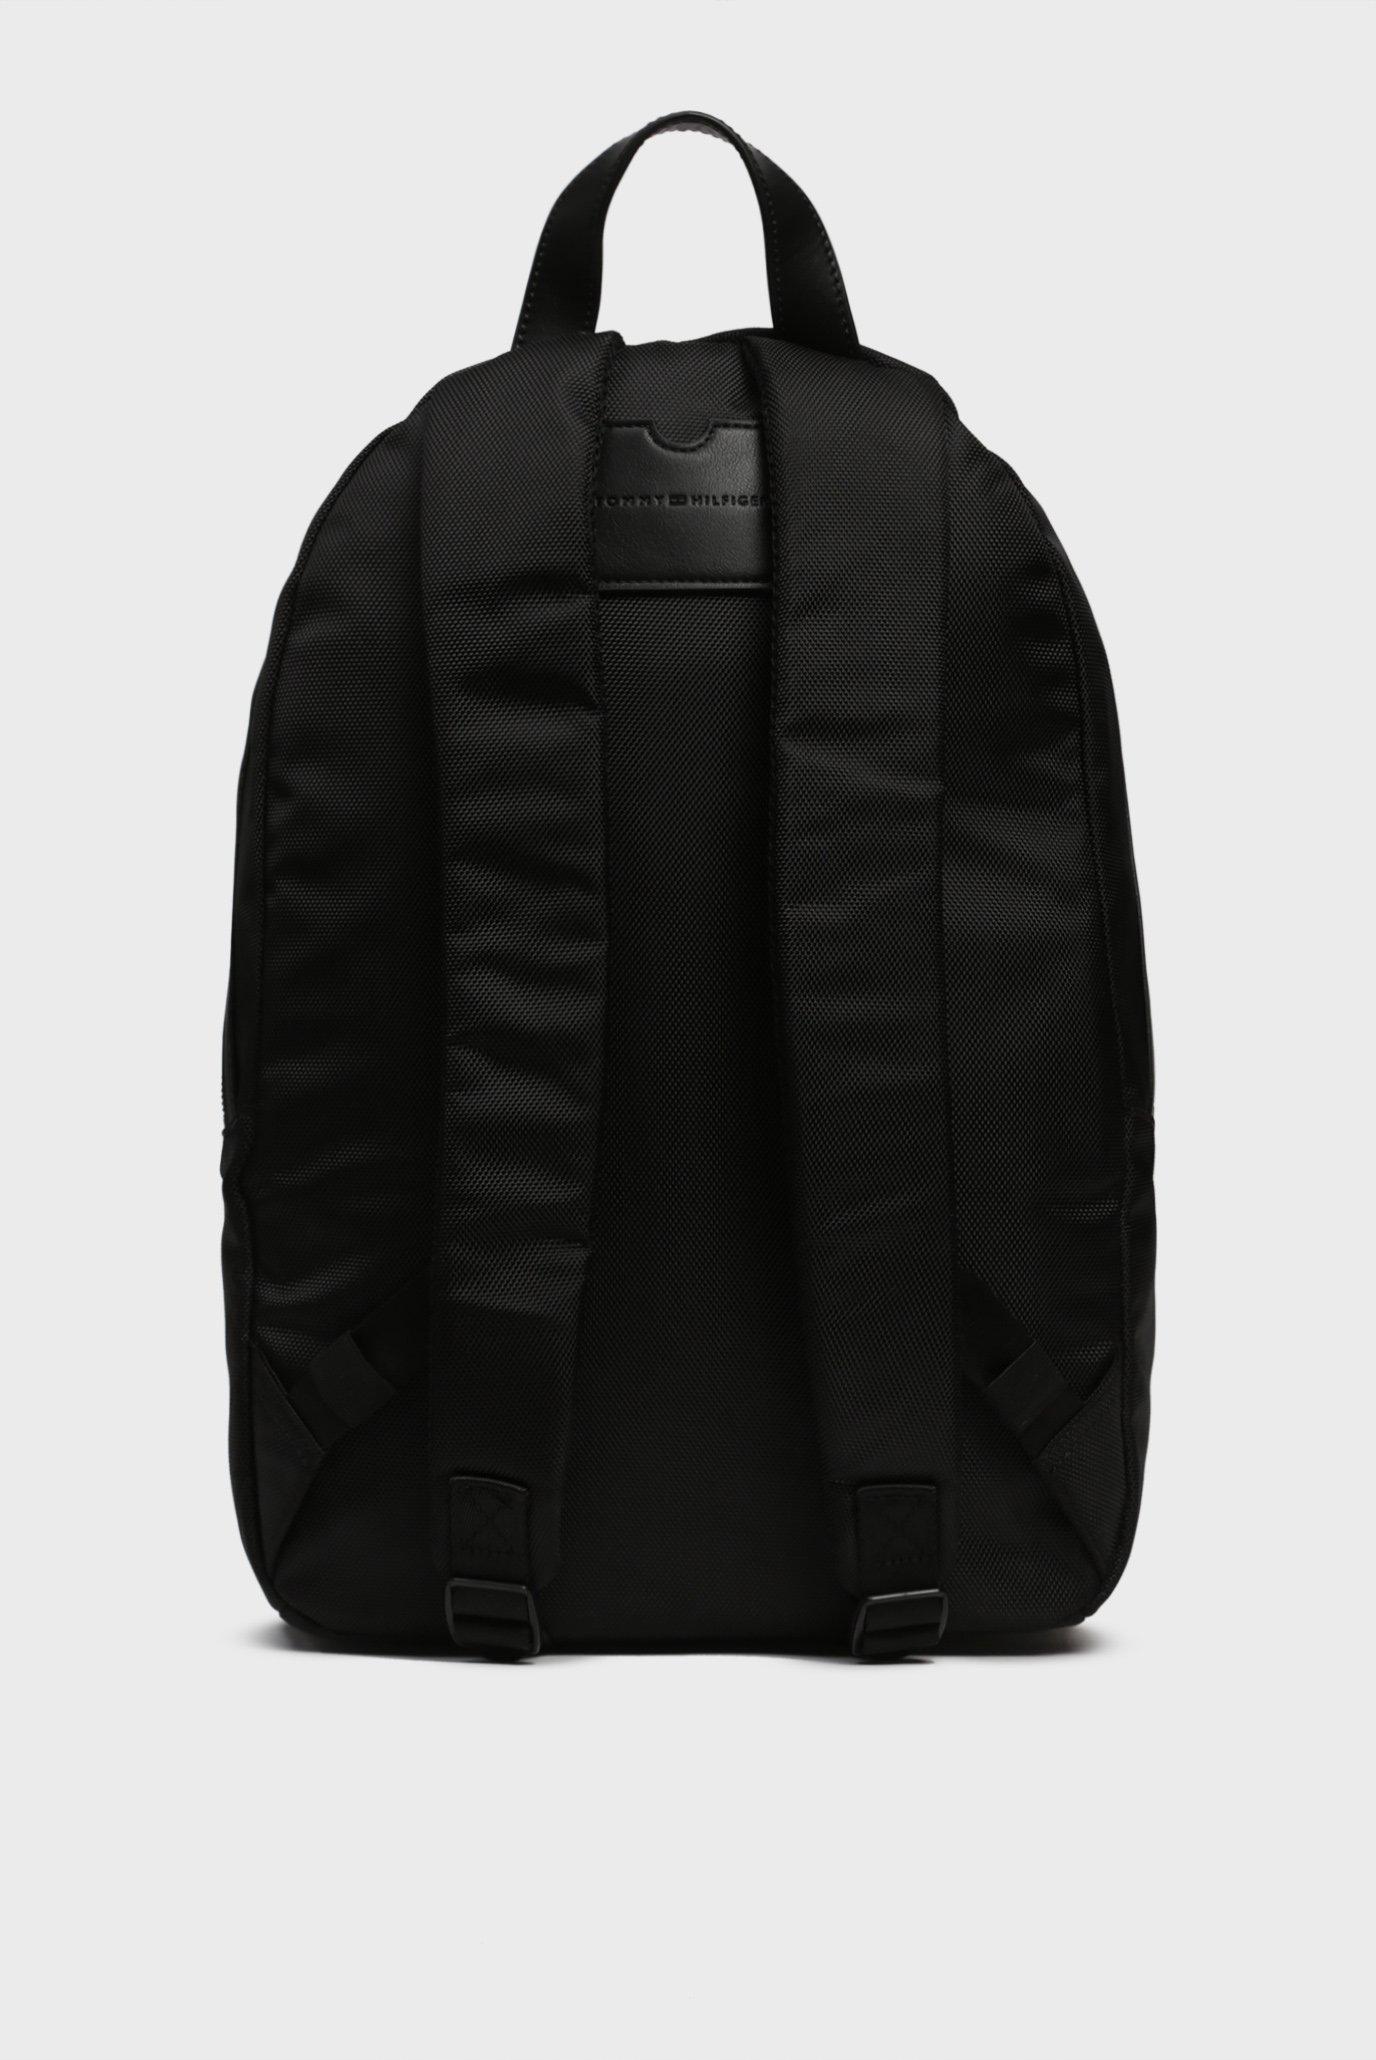 Купить Мужской черный рюкзак ELEVATED Tommy Hilfiger Tommy Hilfiger AM0AM02963 – Киев, Украина. Цены в интернет магазине MD Fashion